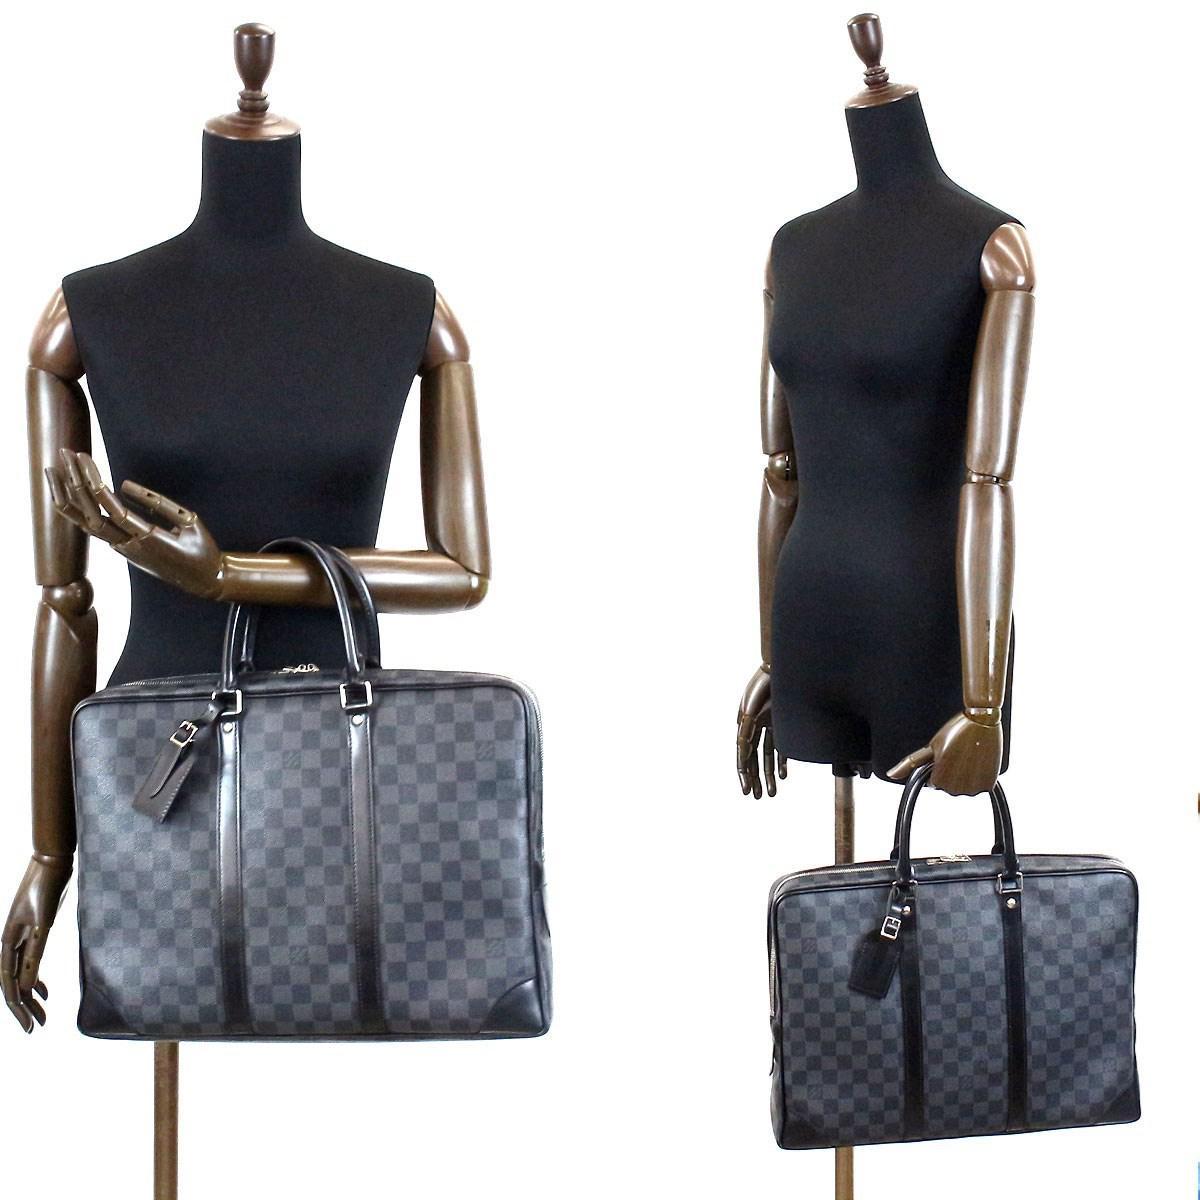 0c6c9862ea3 Louis Vuitton Damie Graphite Porte Documents Voyage Bag N41125 ...